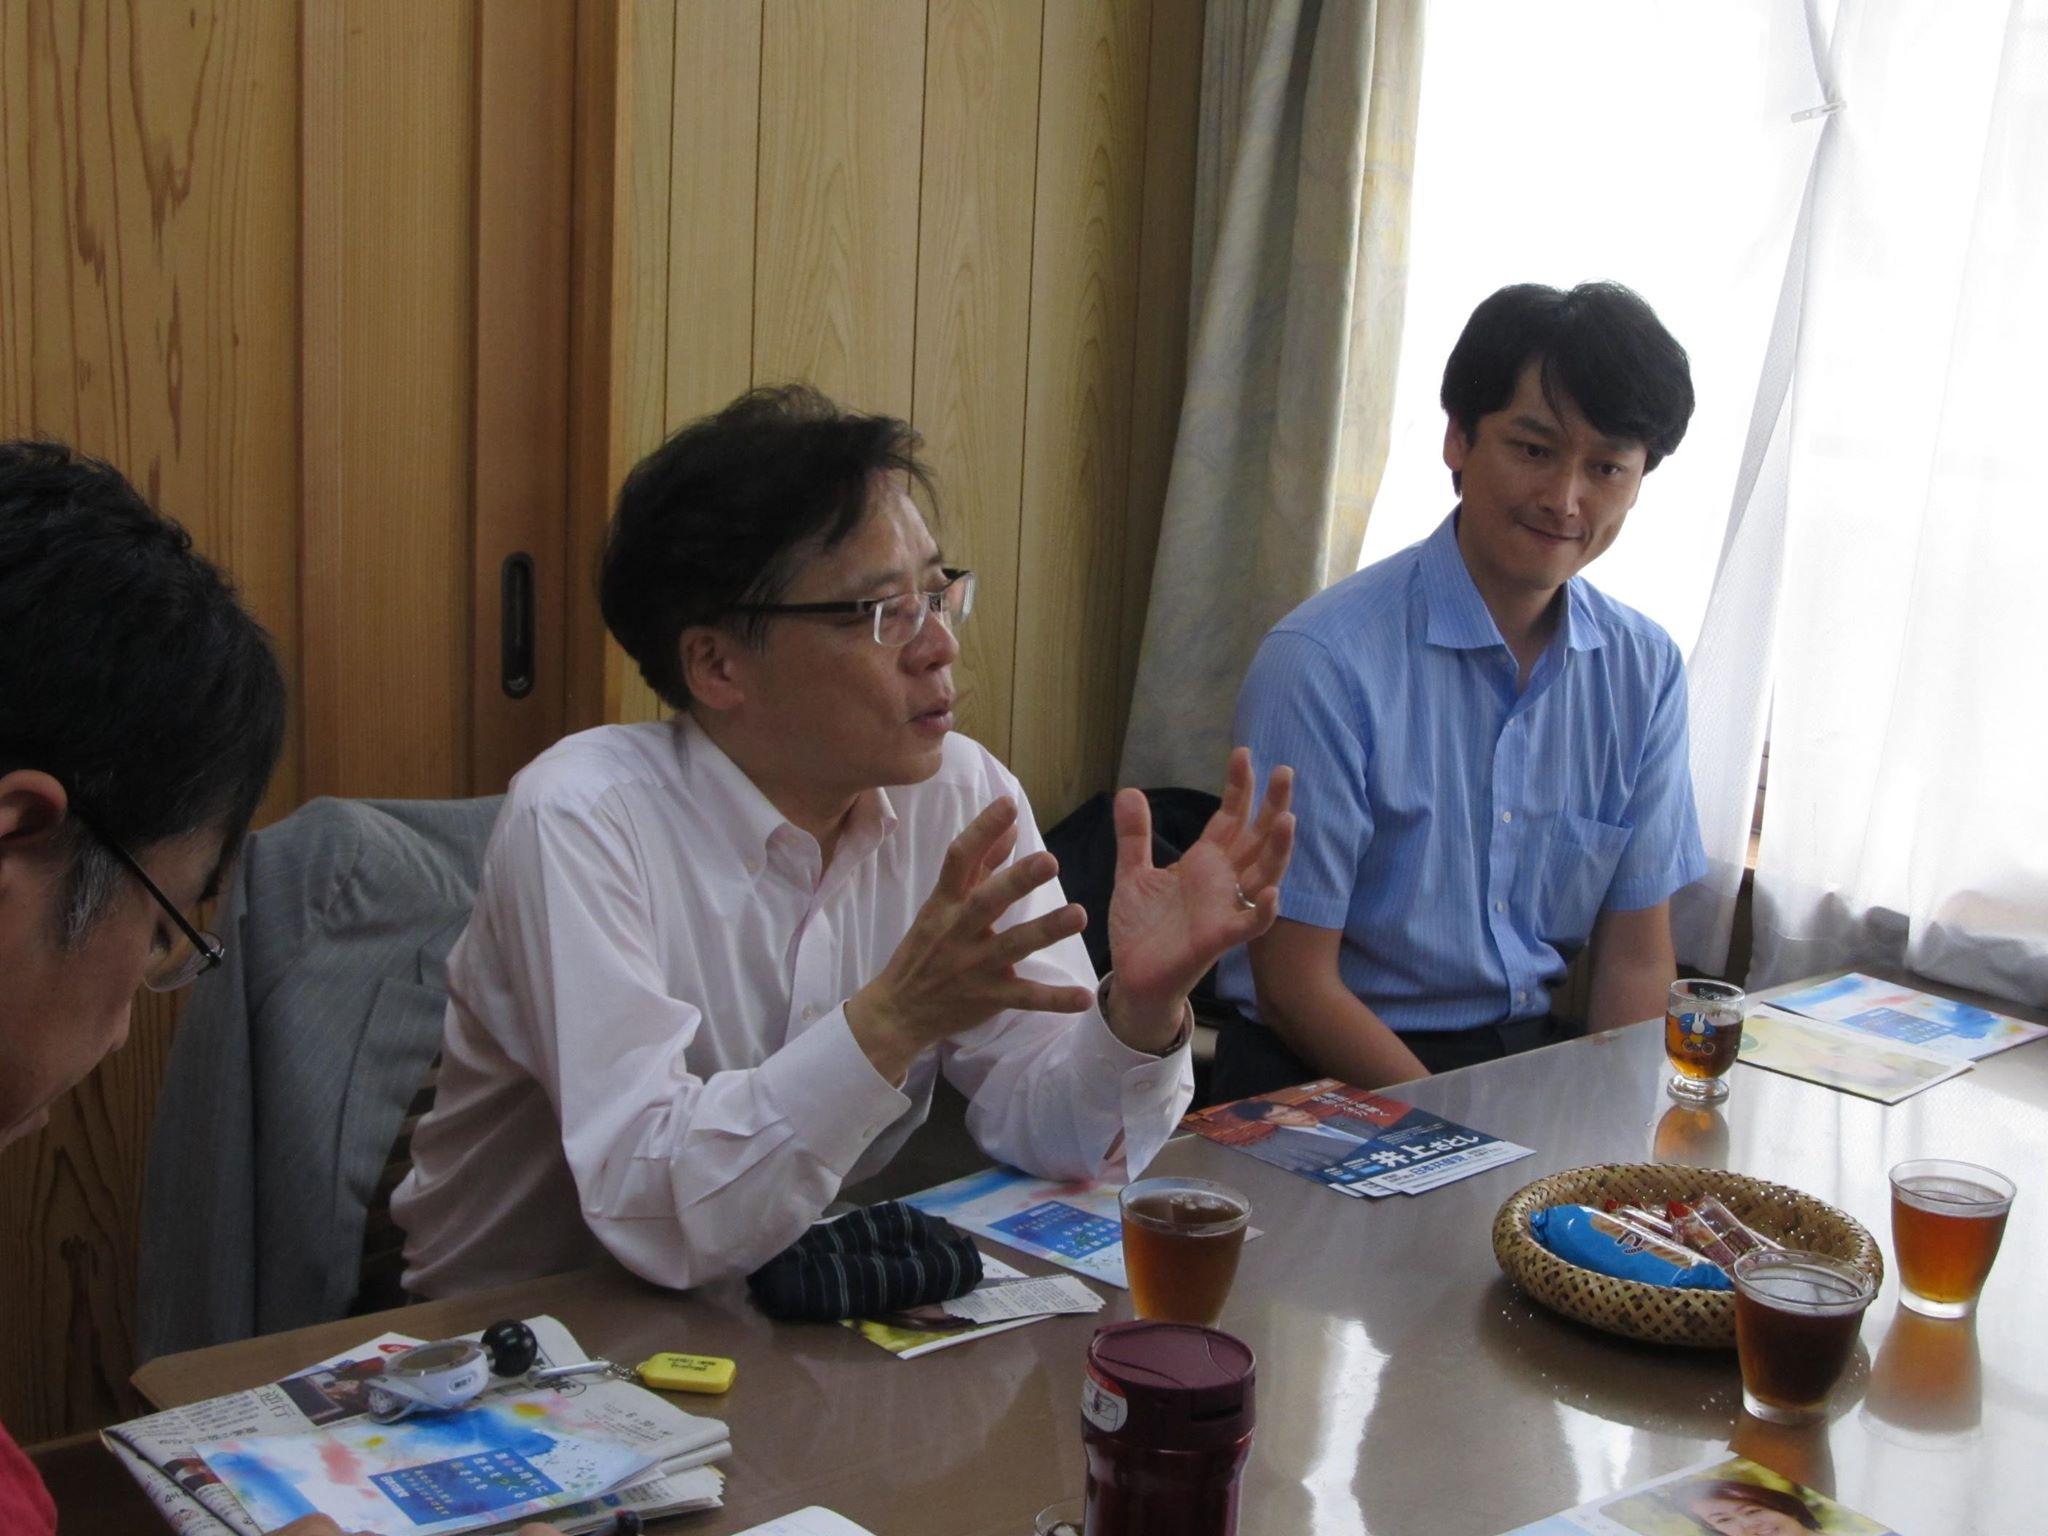 http://www.inoue-satoshi.com/diary/%E6%96%B0%E5%9F%8E.jpg